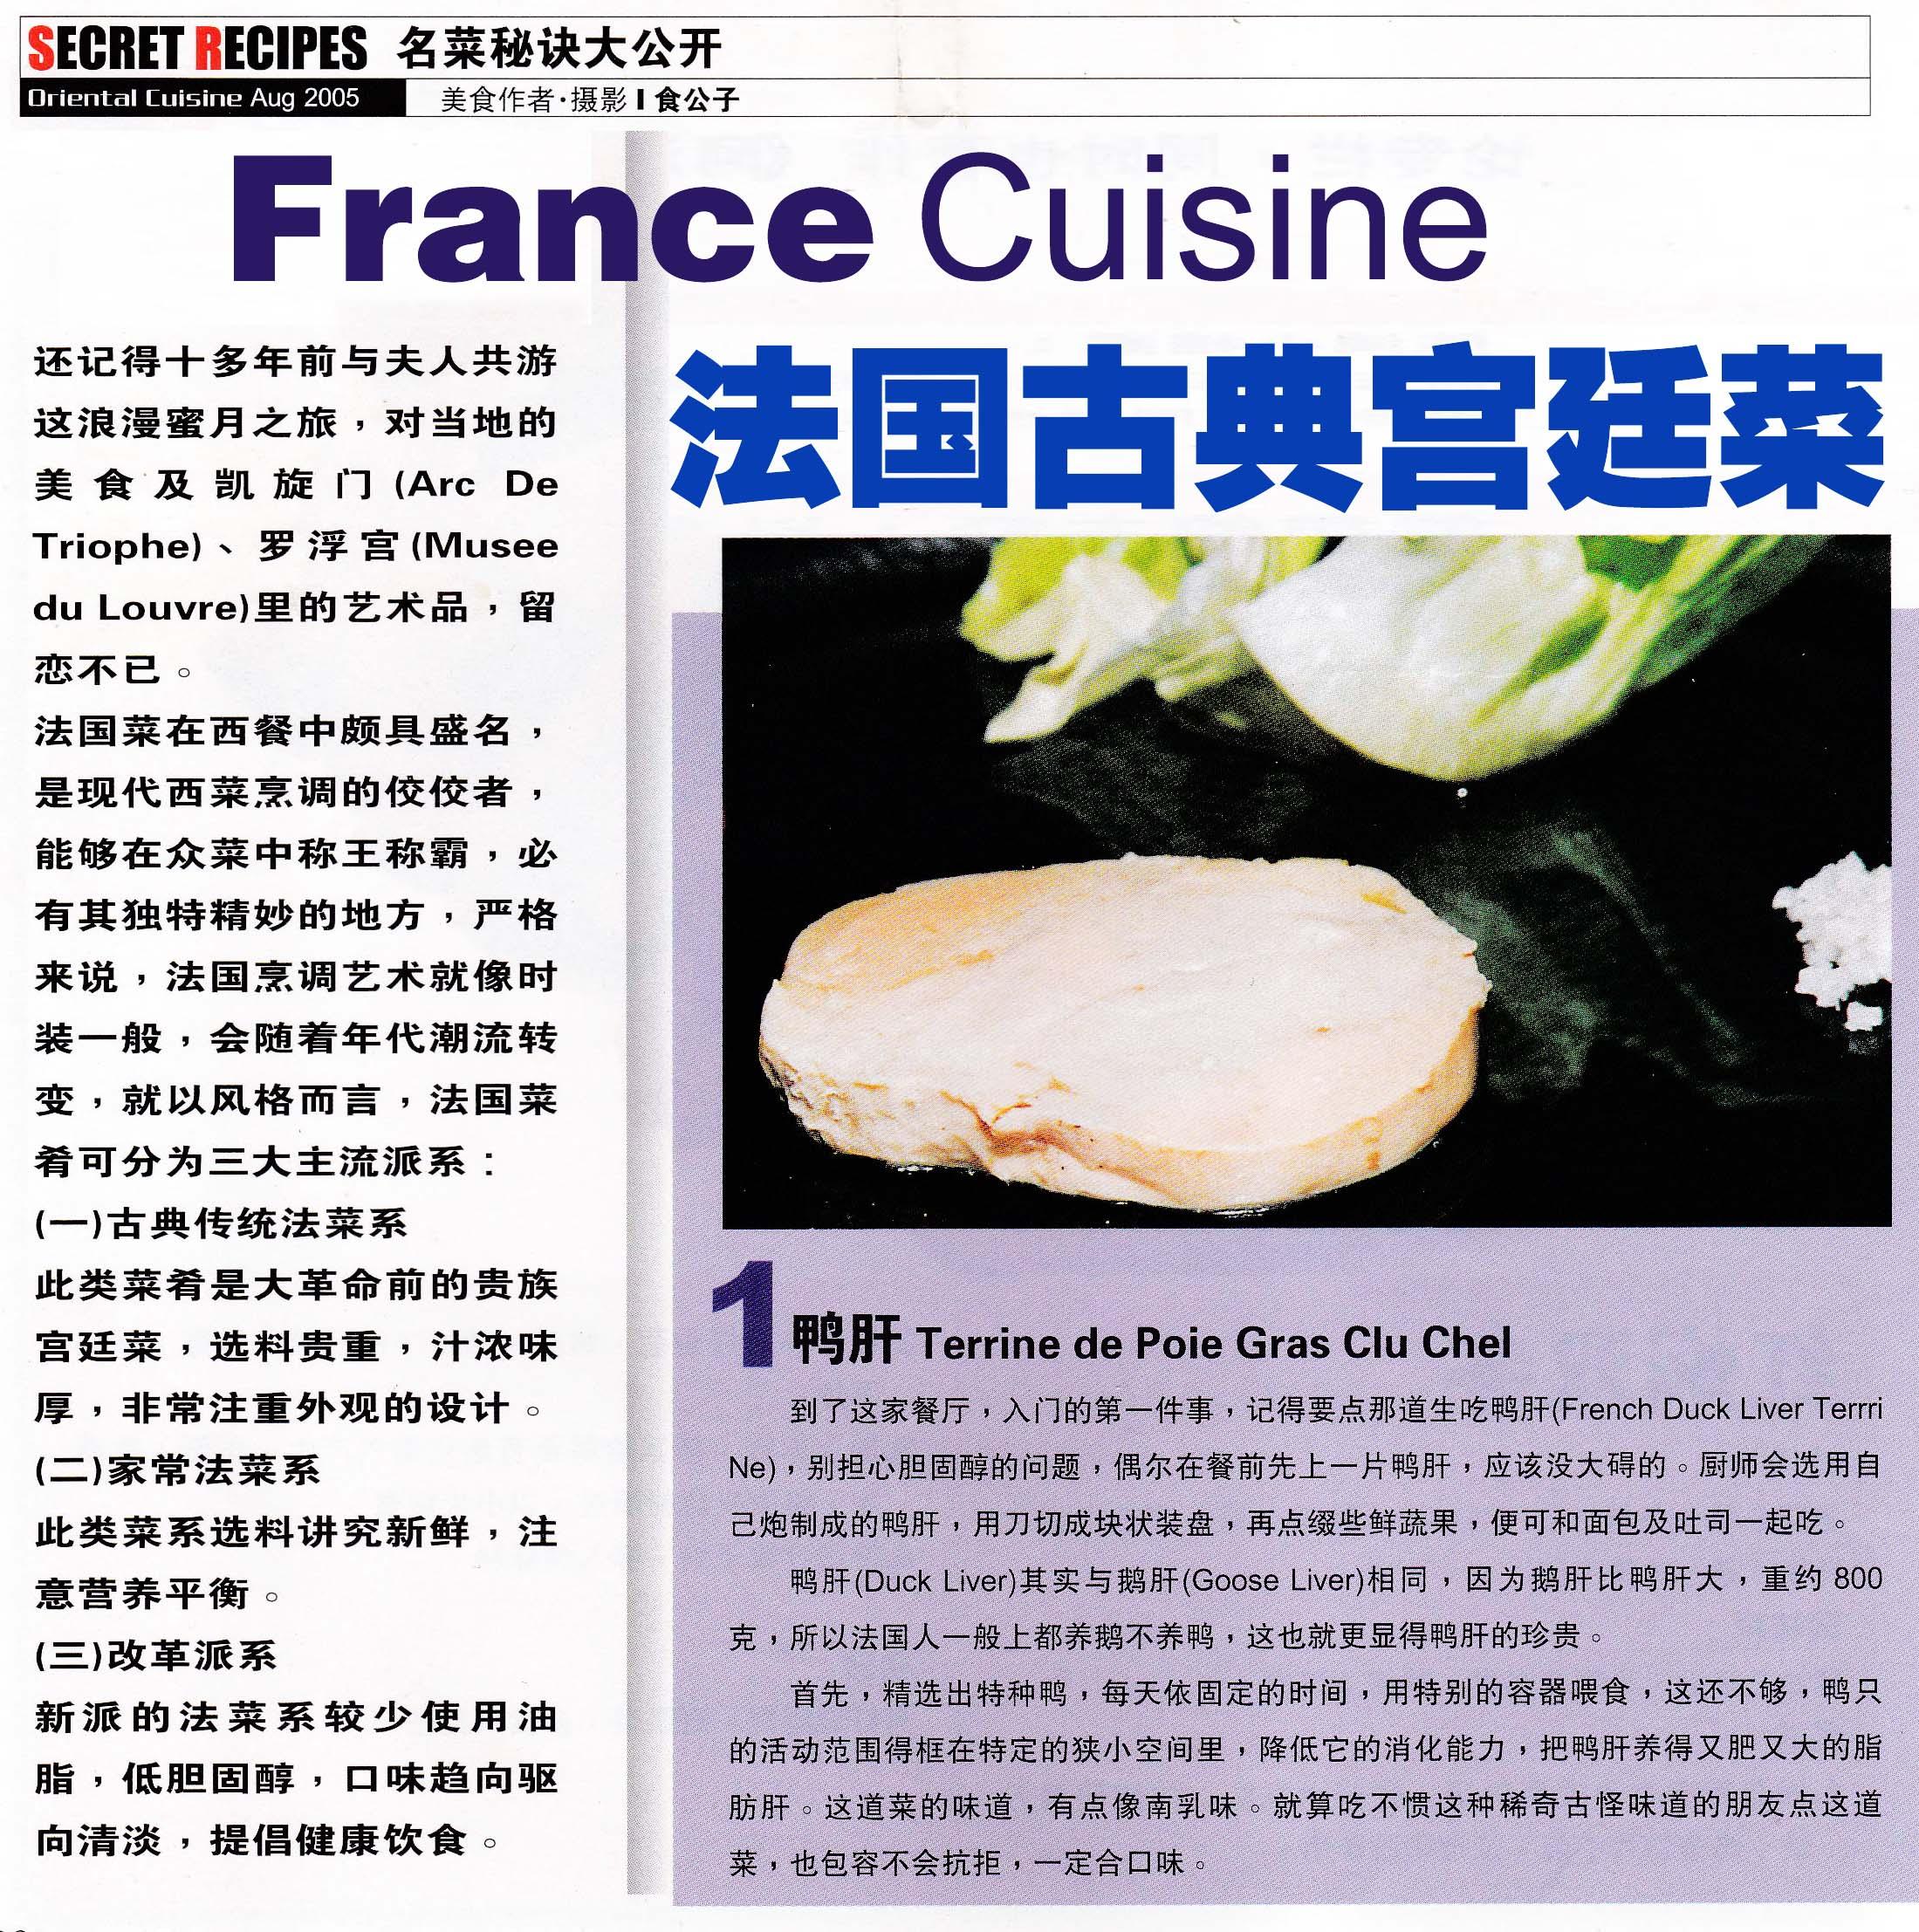 世界美食大师-美味风采-法国宫廷菜